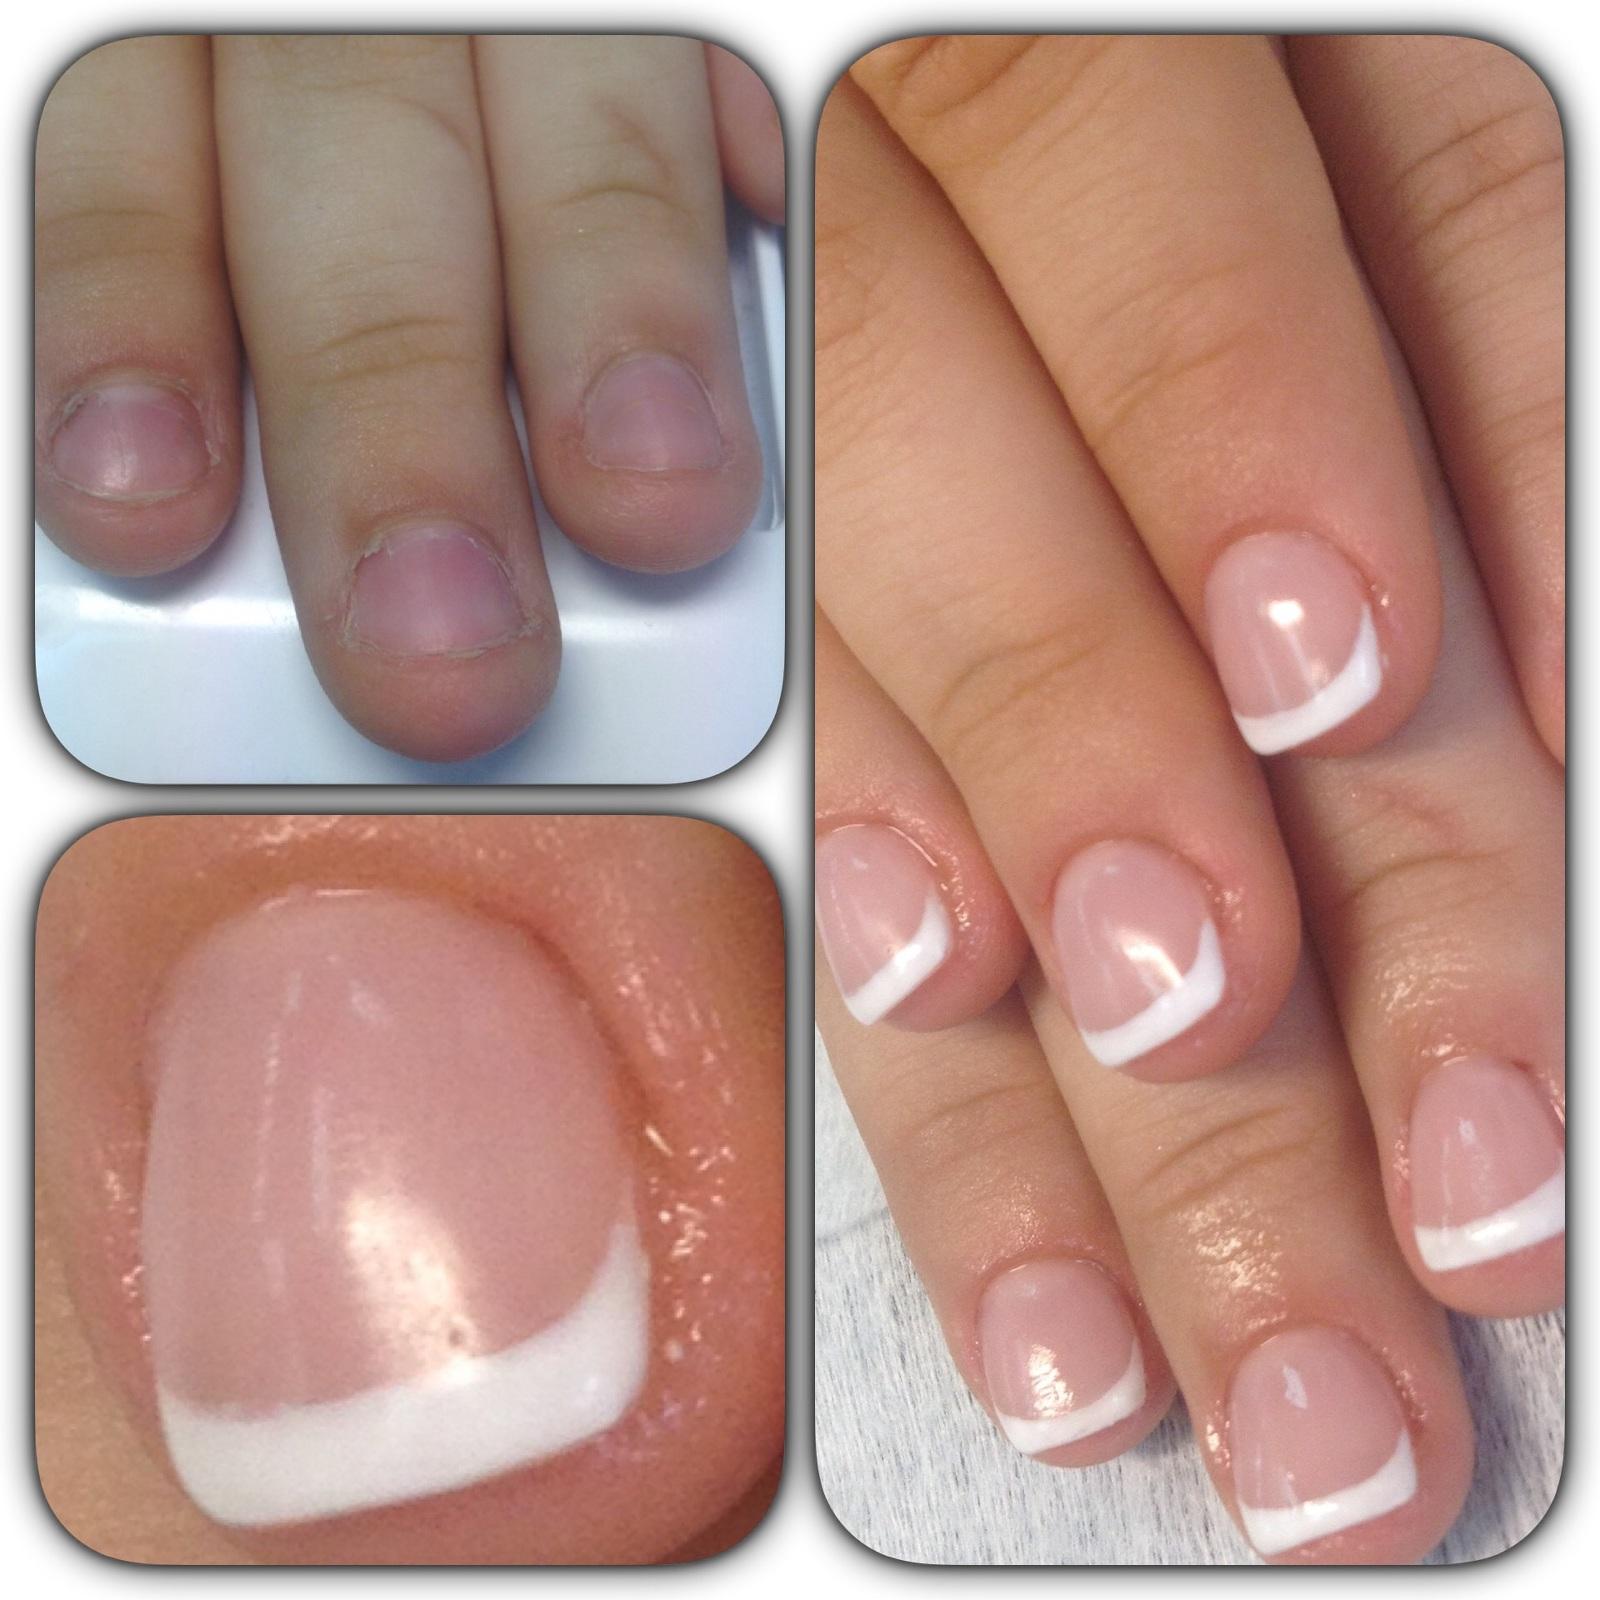 Как делать маникюр на обгрызенных ногтях